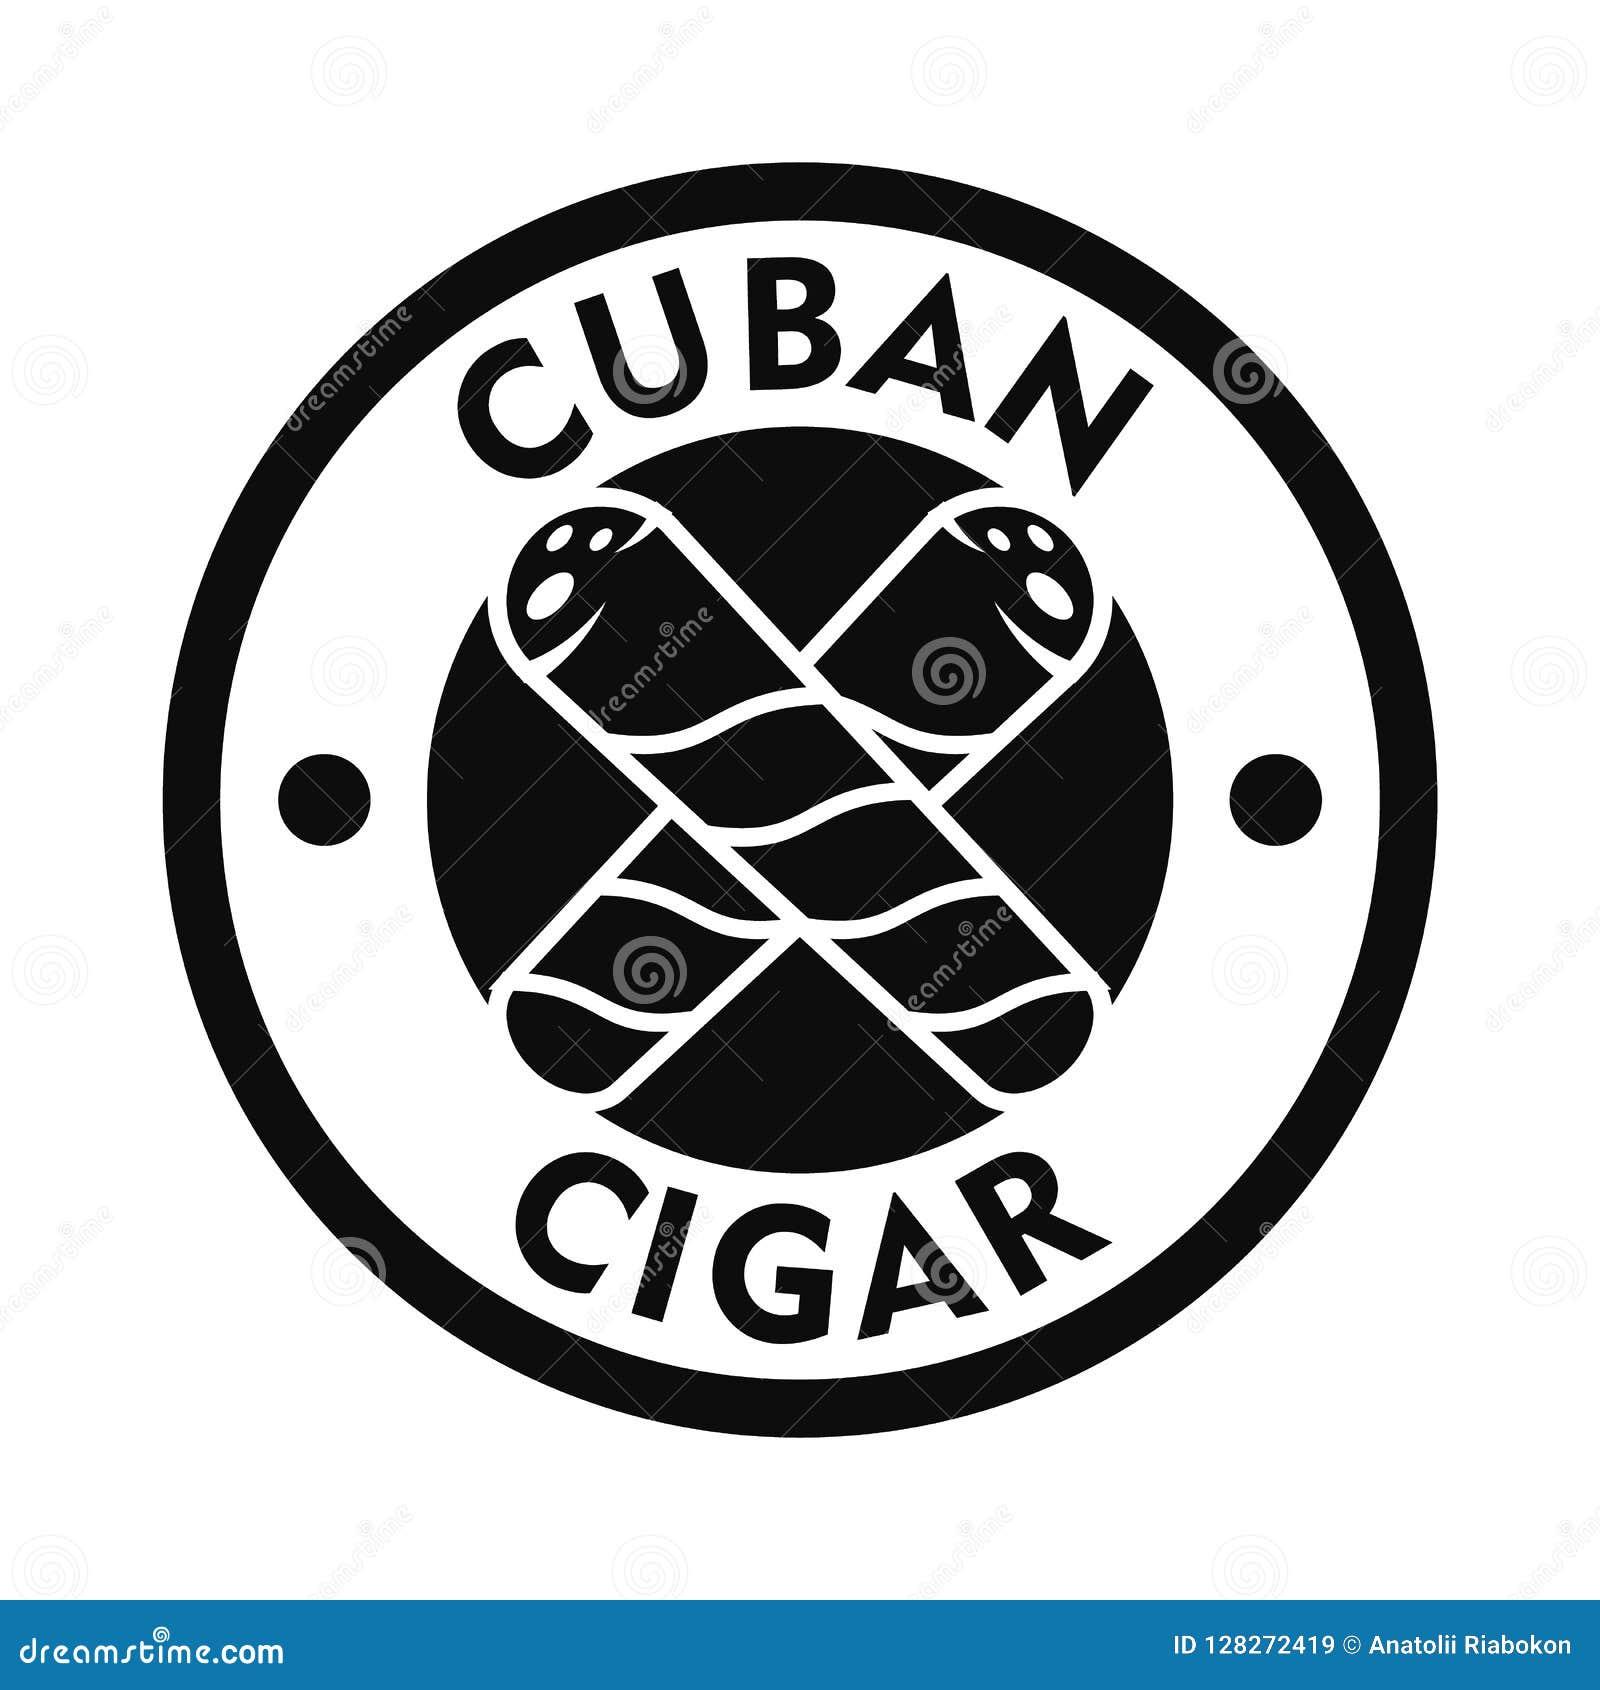 Cubaans vers sigarenembleem, eenvoudige stijl